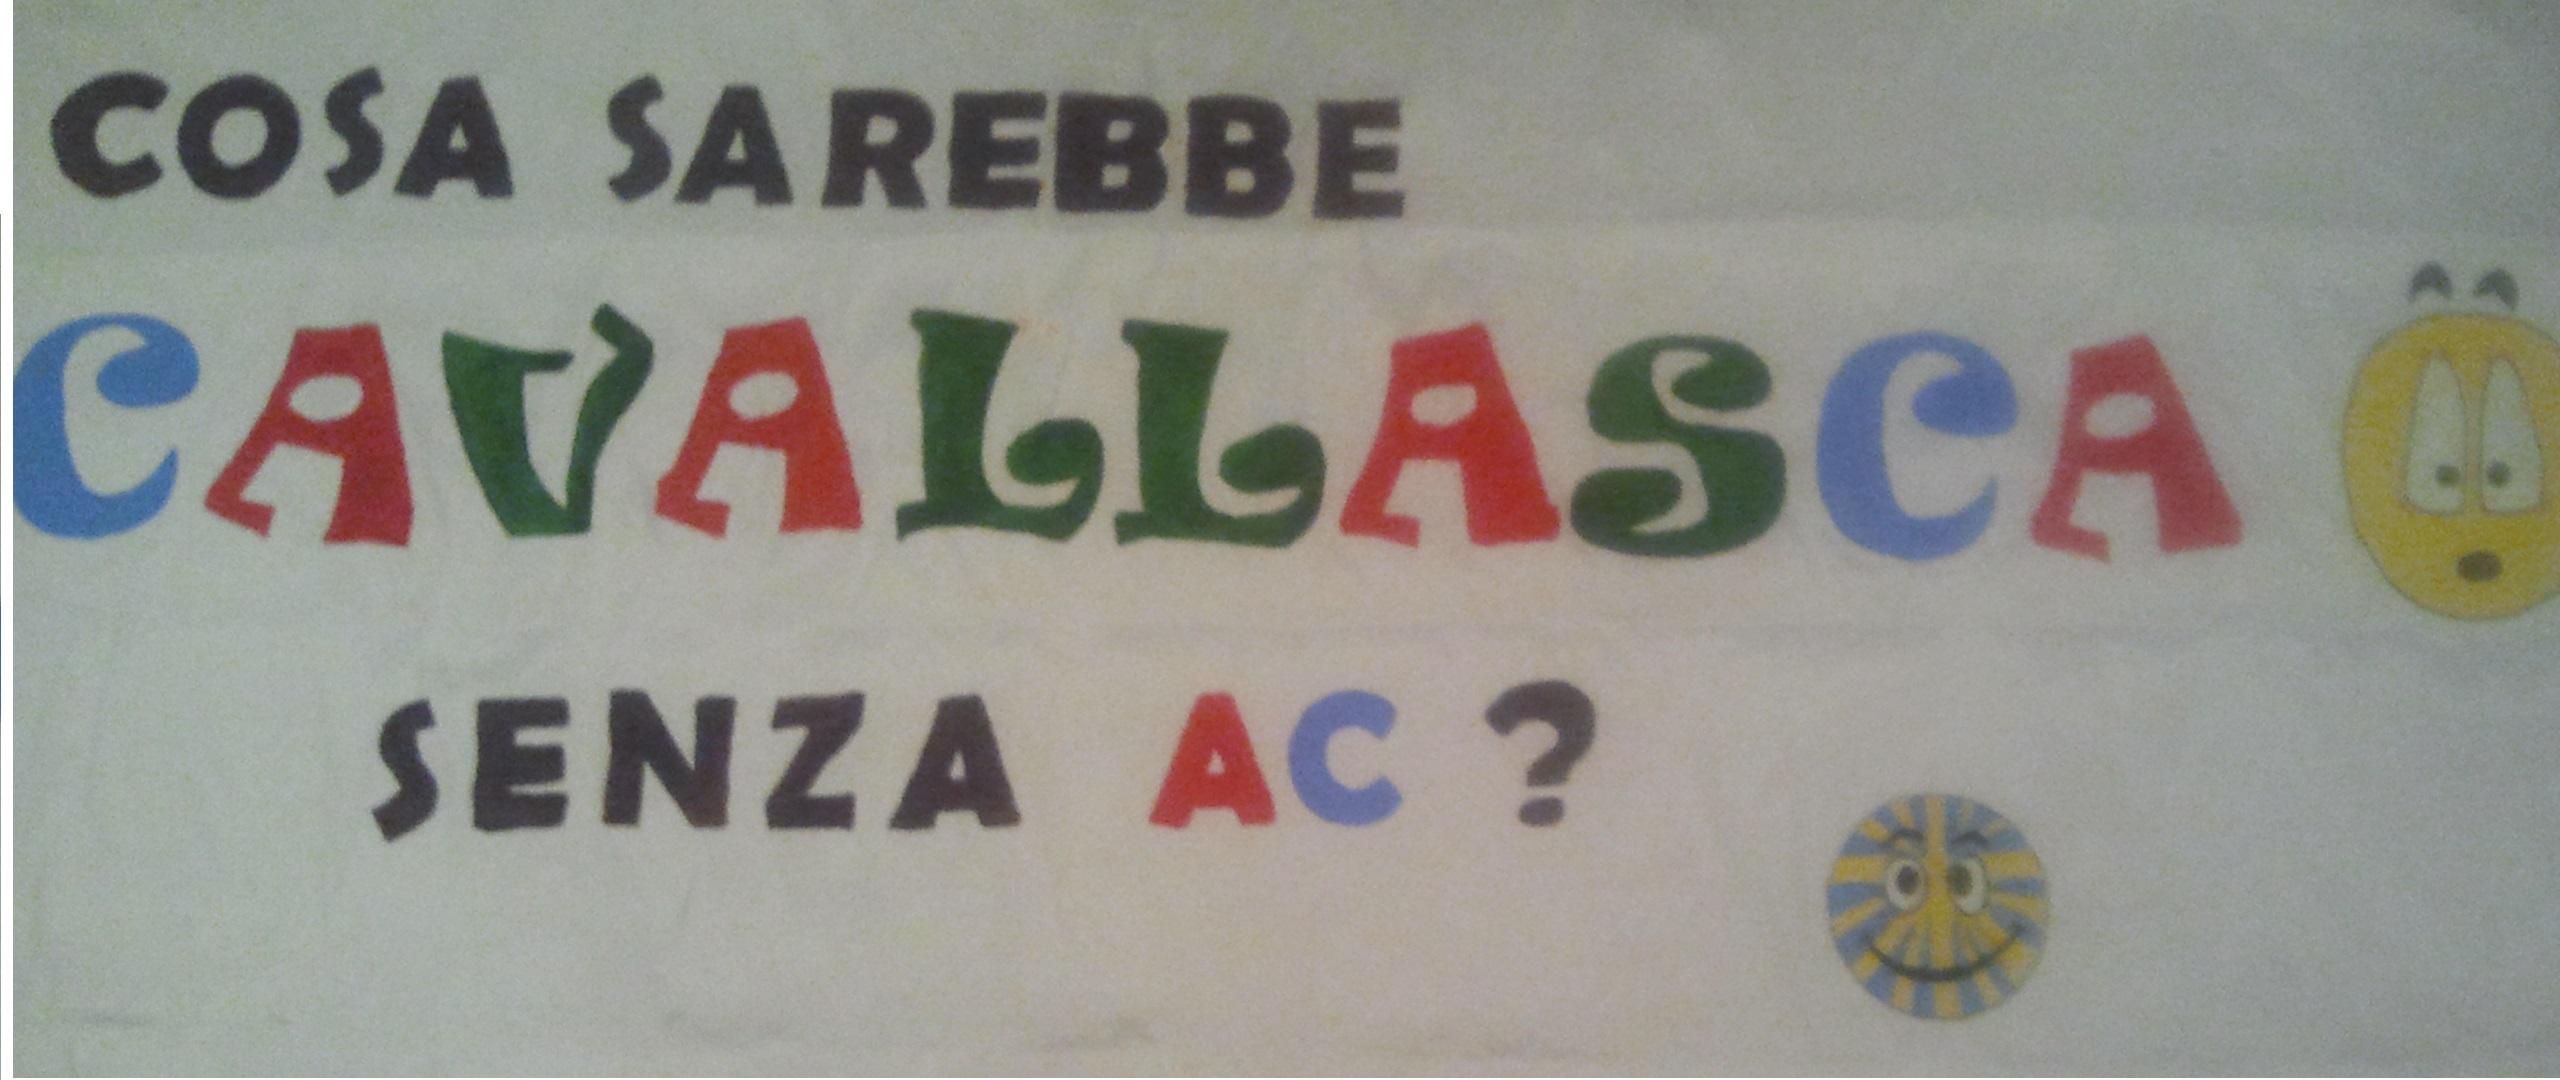 Striscione di Cavallasca - Convegno ACR